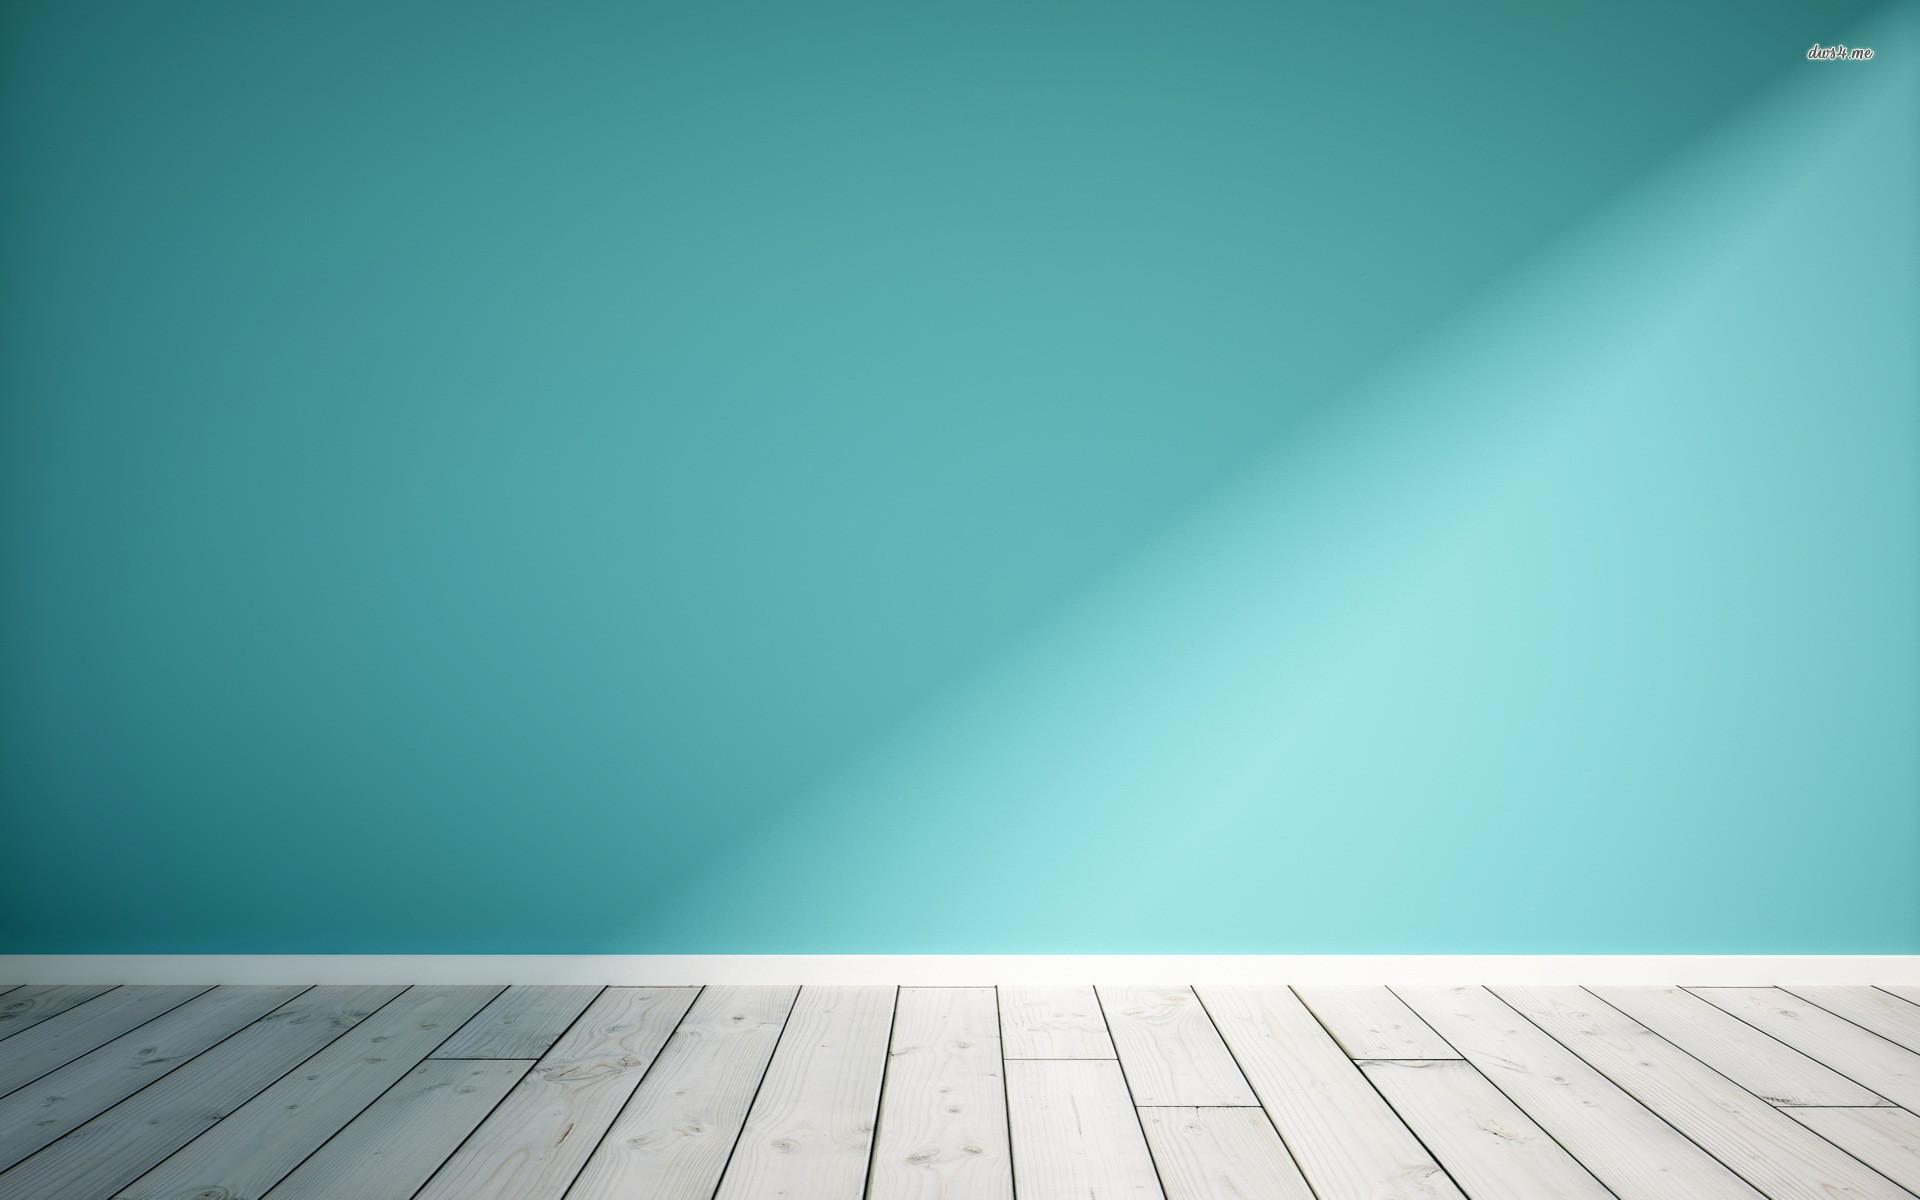 Res: 1920x1200, Wooden, Floor, And, Blue, Wall, Digital, Art, Wallpaper, Road, Widescreen,  Desktop Images, 1920×1200 Wallpaper HD